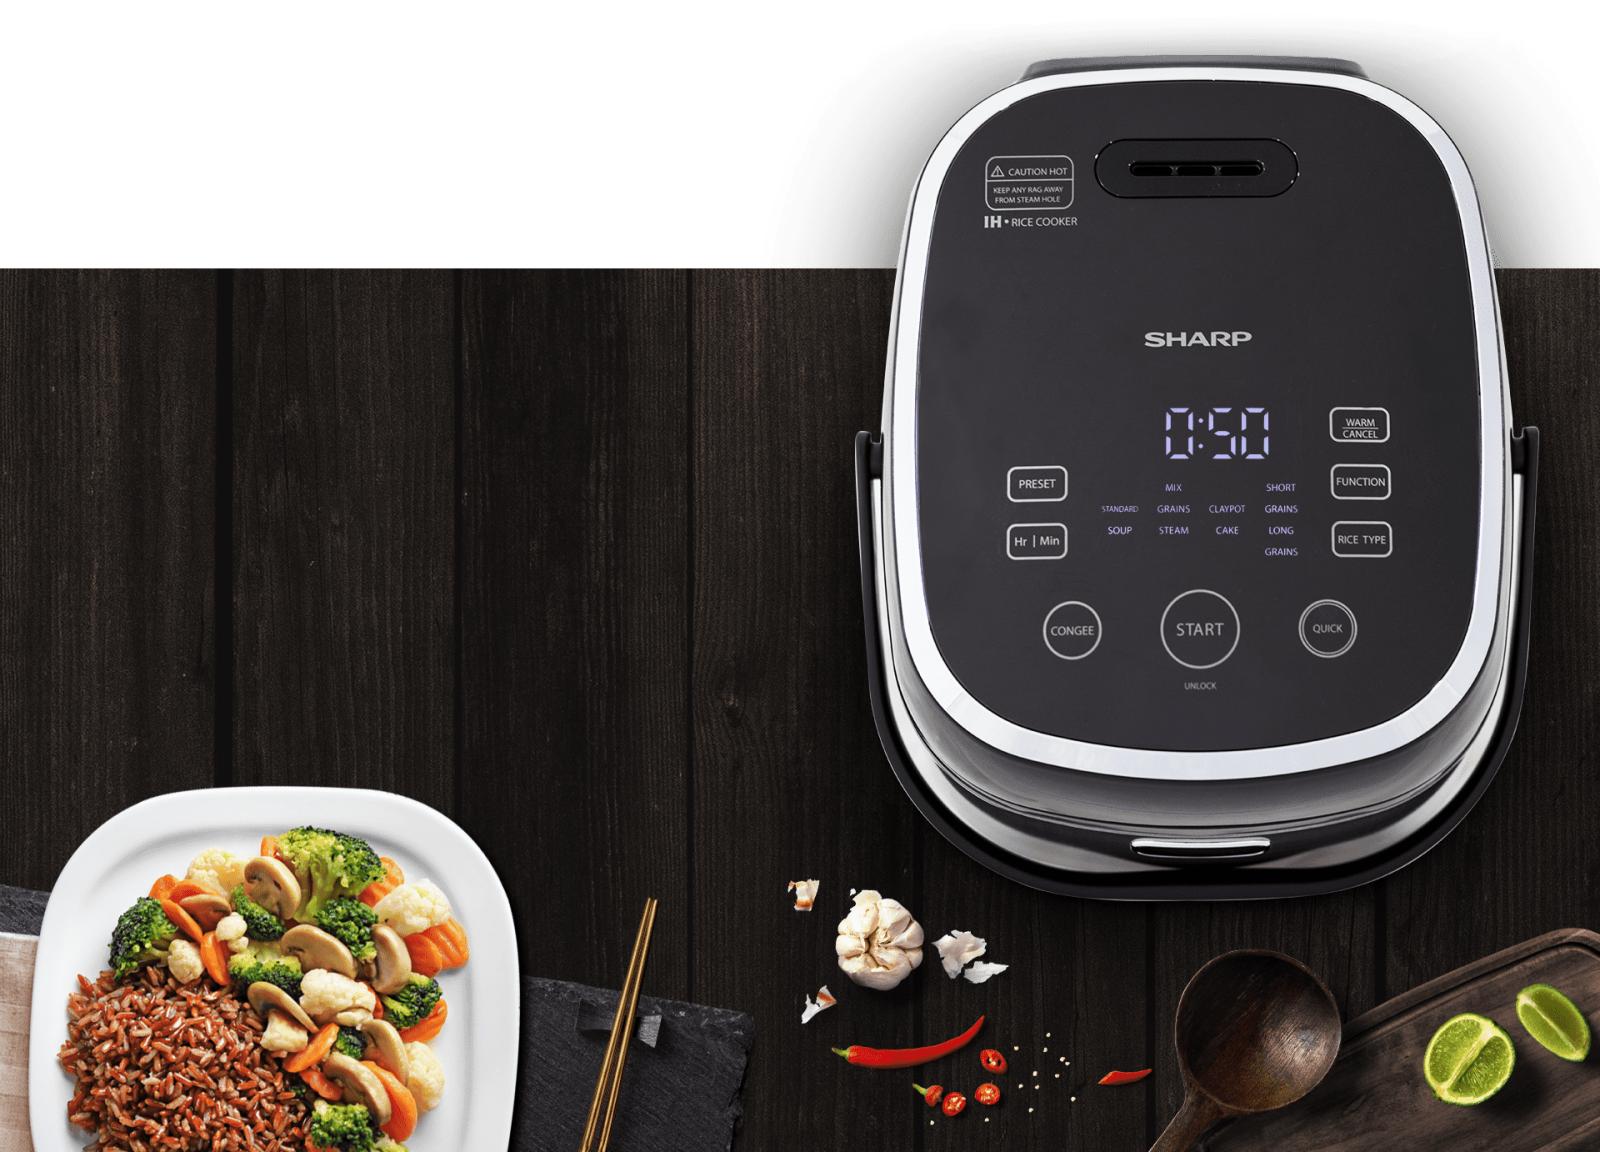 Nồi cơm điện cao tần Sharp 1.8 lít KS-IH190V-BK nấu cơm nhanh